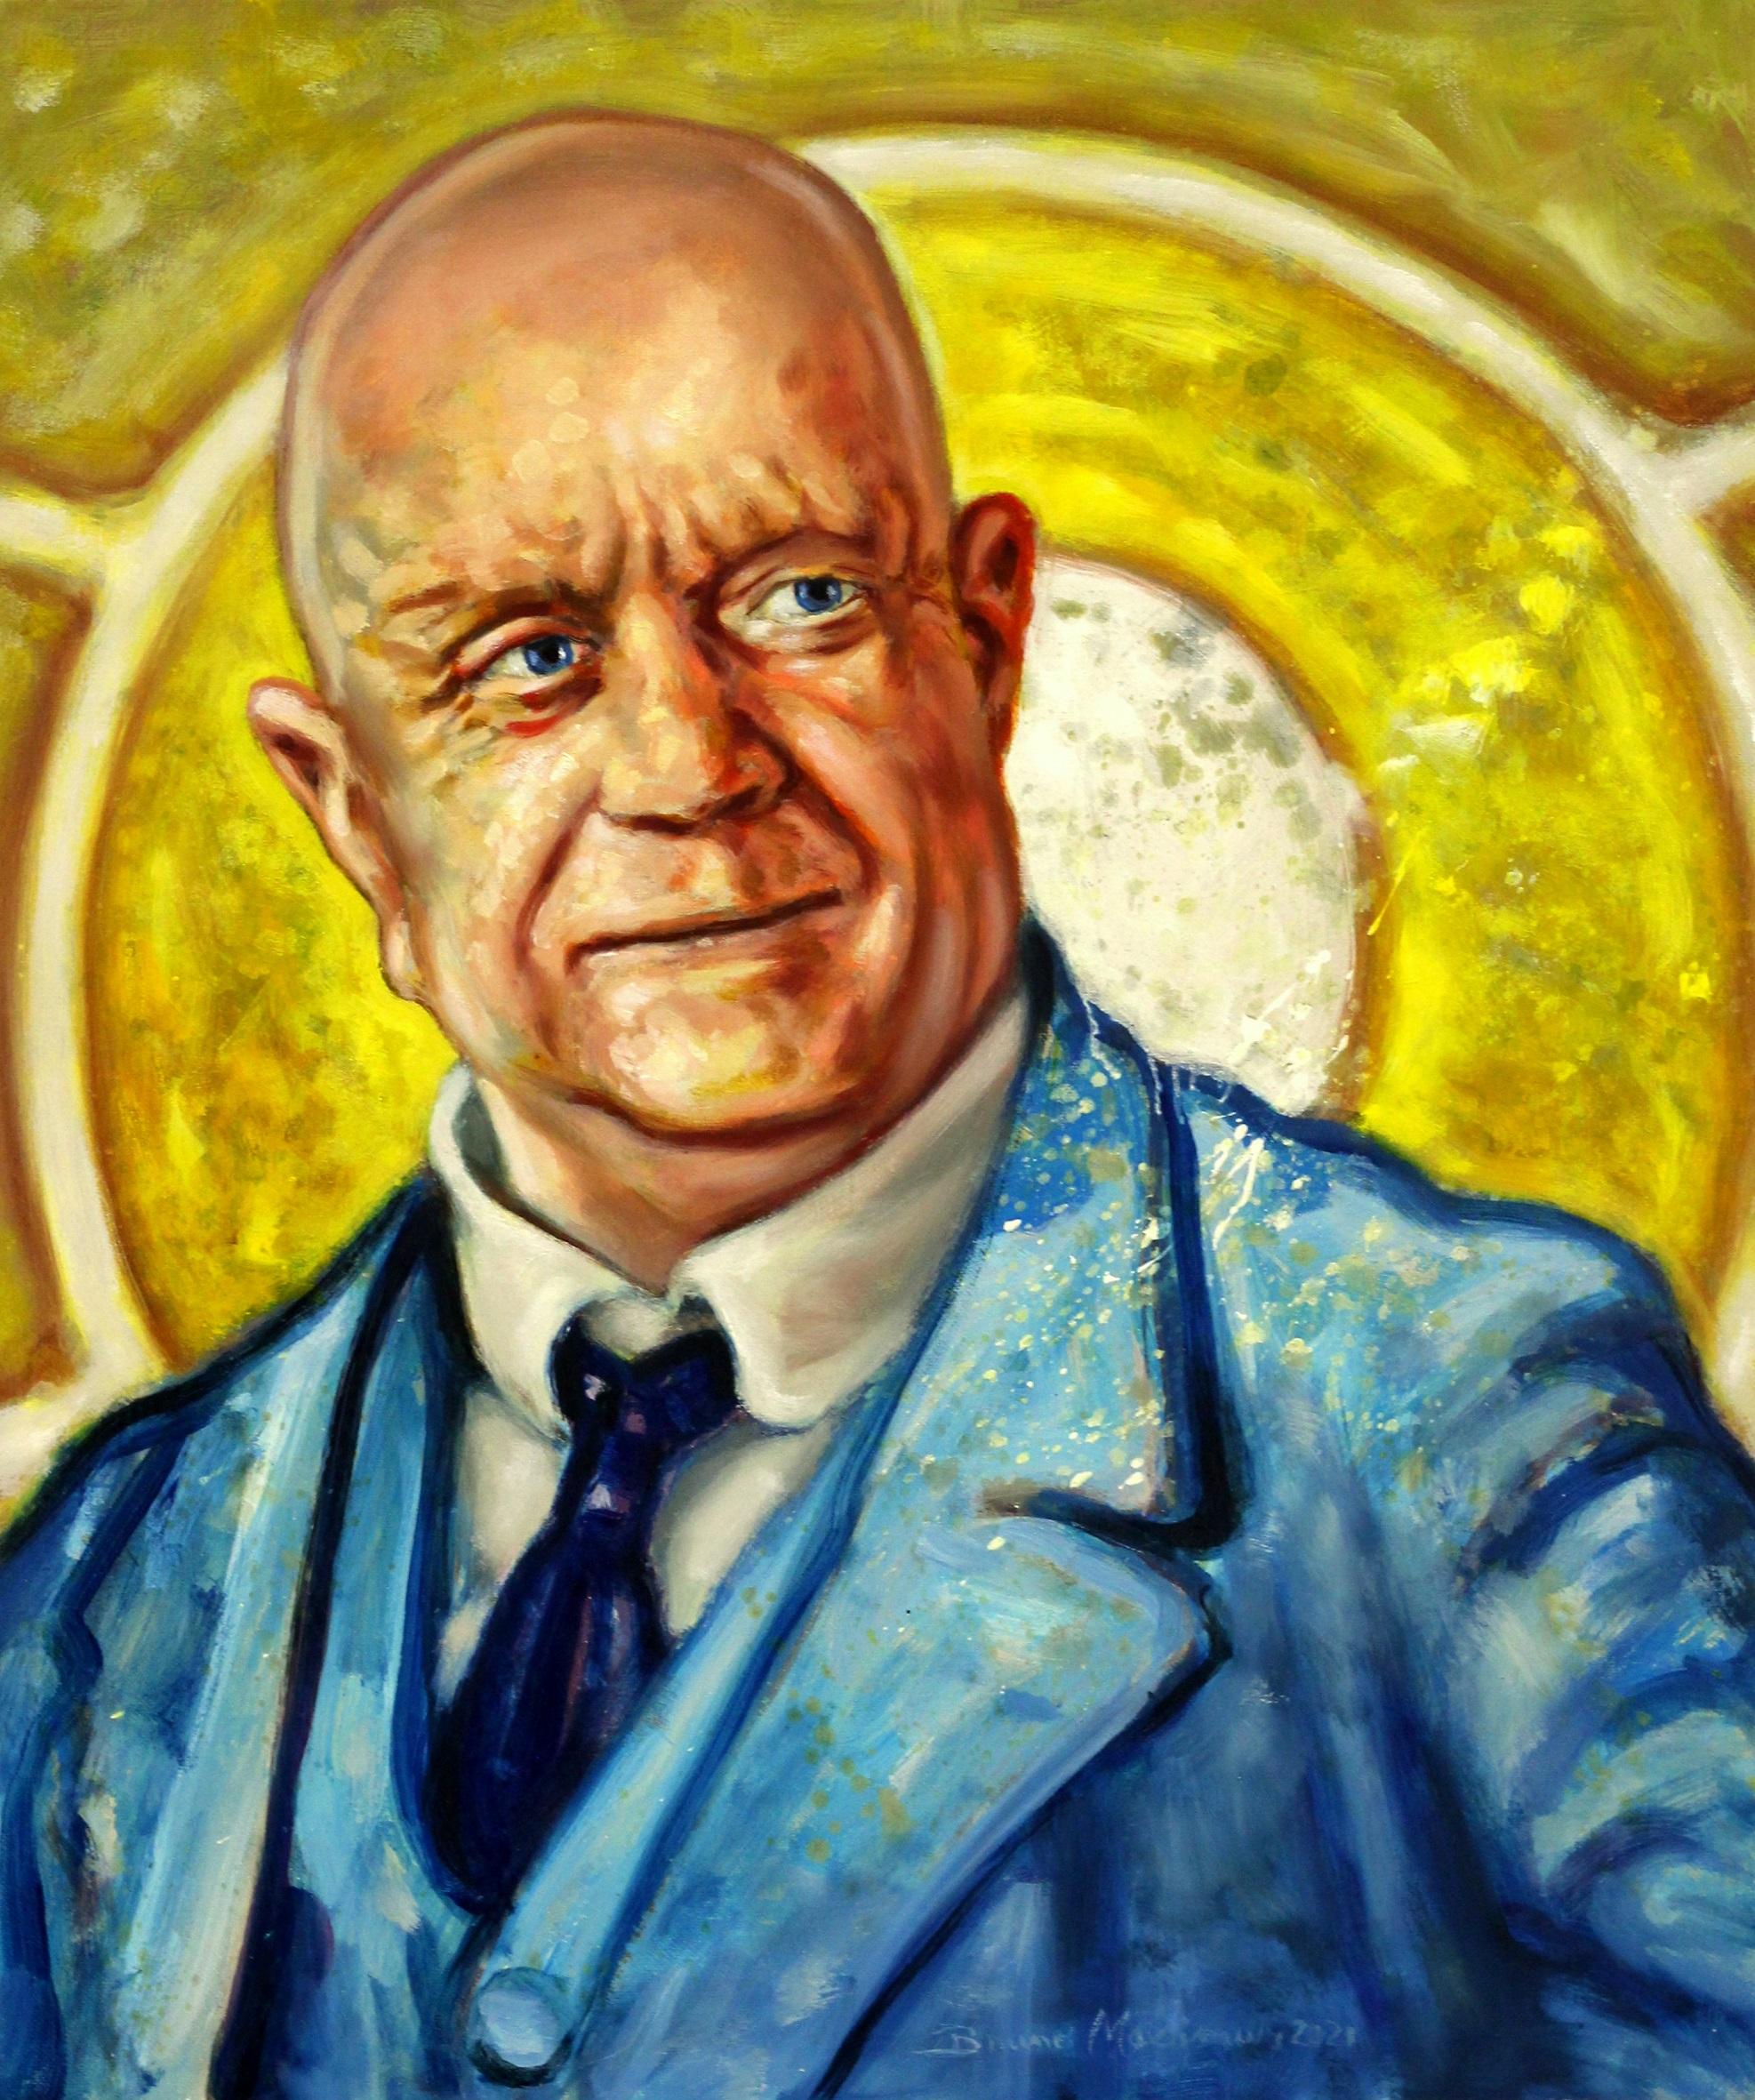 Sibelius Kabinetissa, 2021